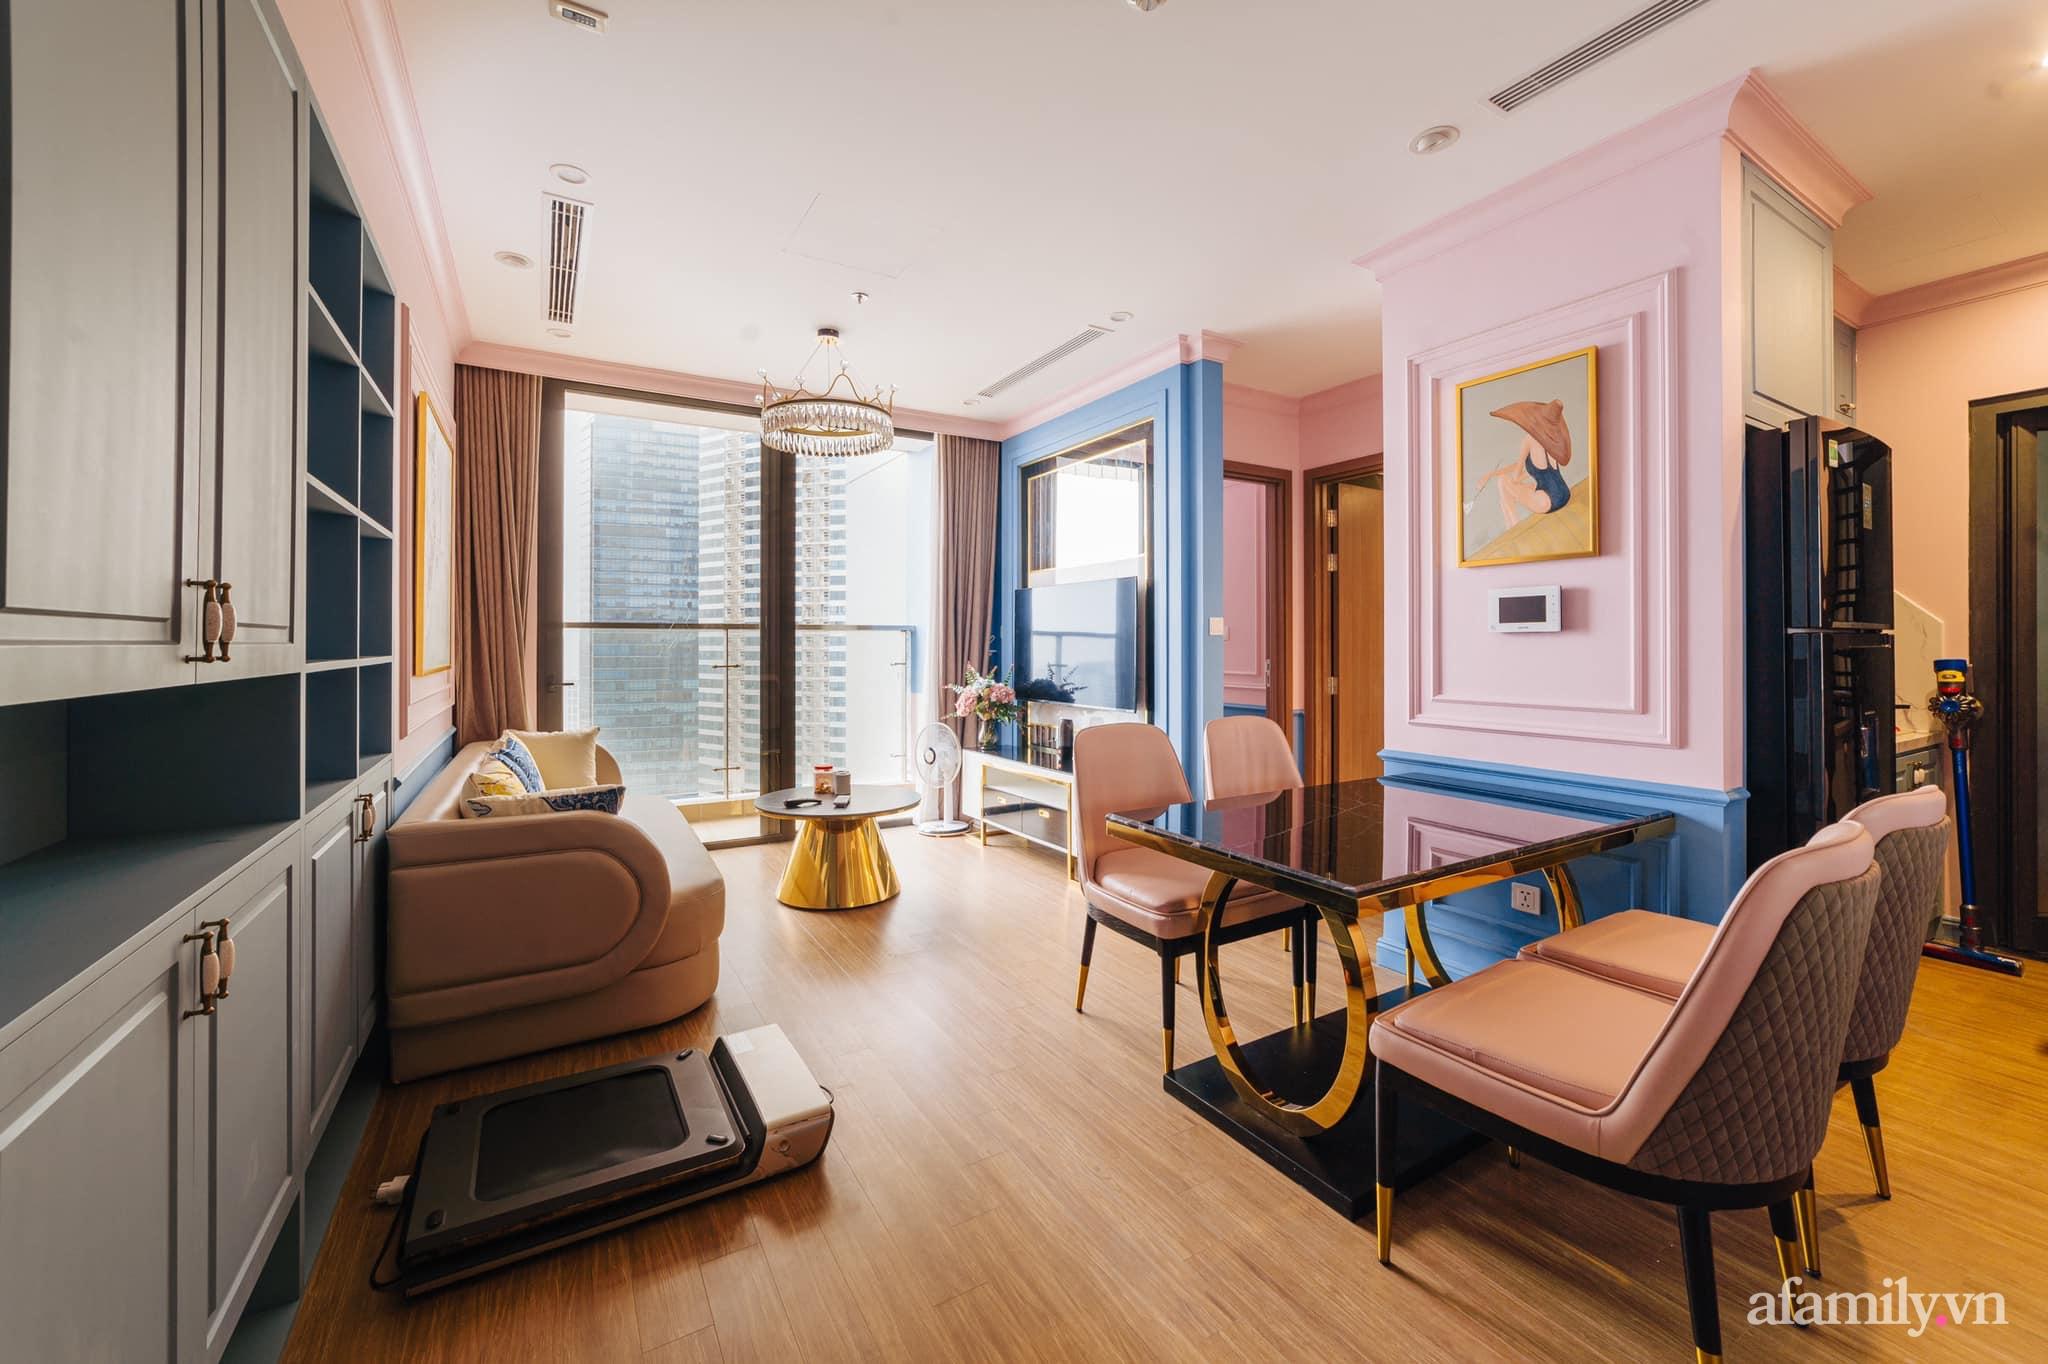 Căn hộ 45m² đẹp không góc chết với điểm nhấn màu xanh hồng cực chất có chi phí hoàn thiện 200 triệu đồng ở Hà Nội - Ảnh 6.